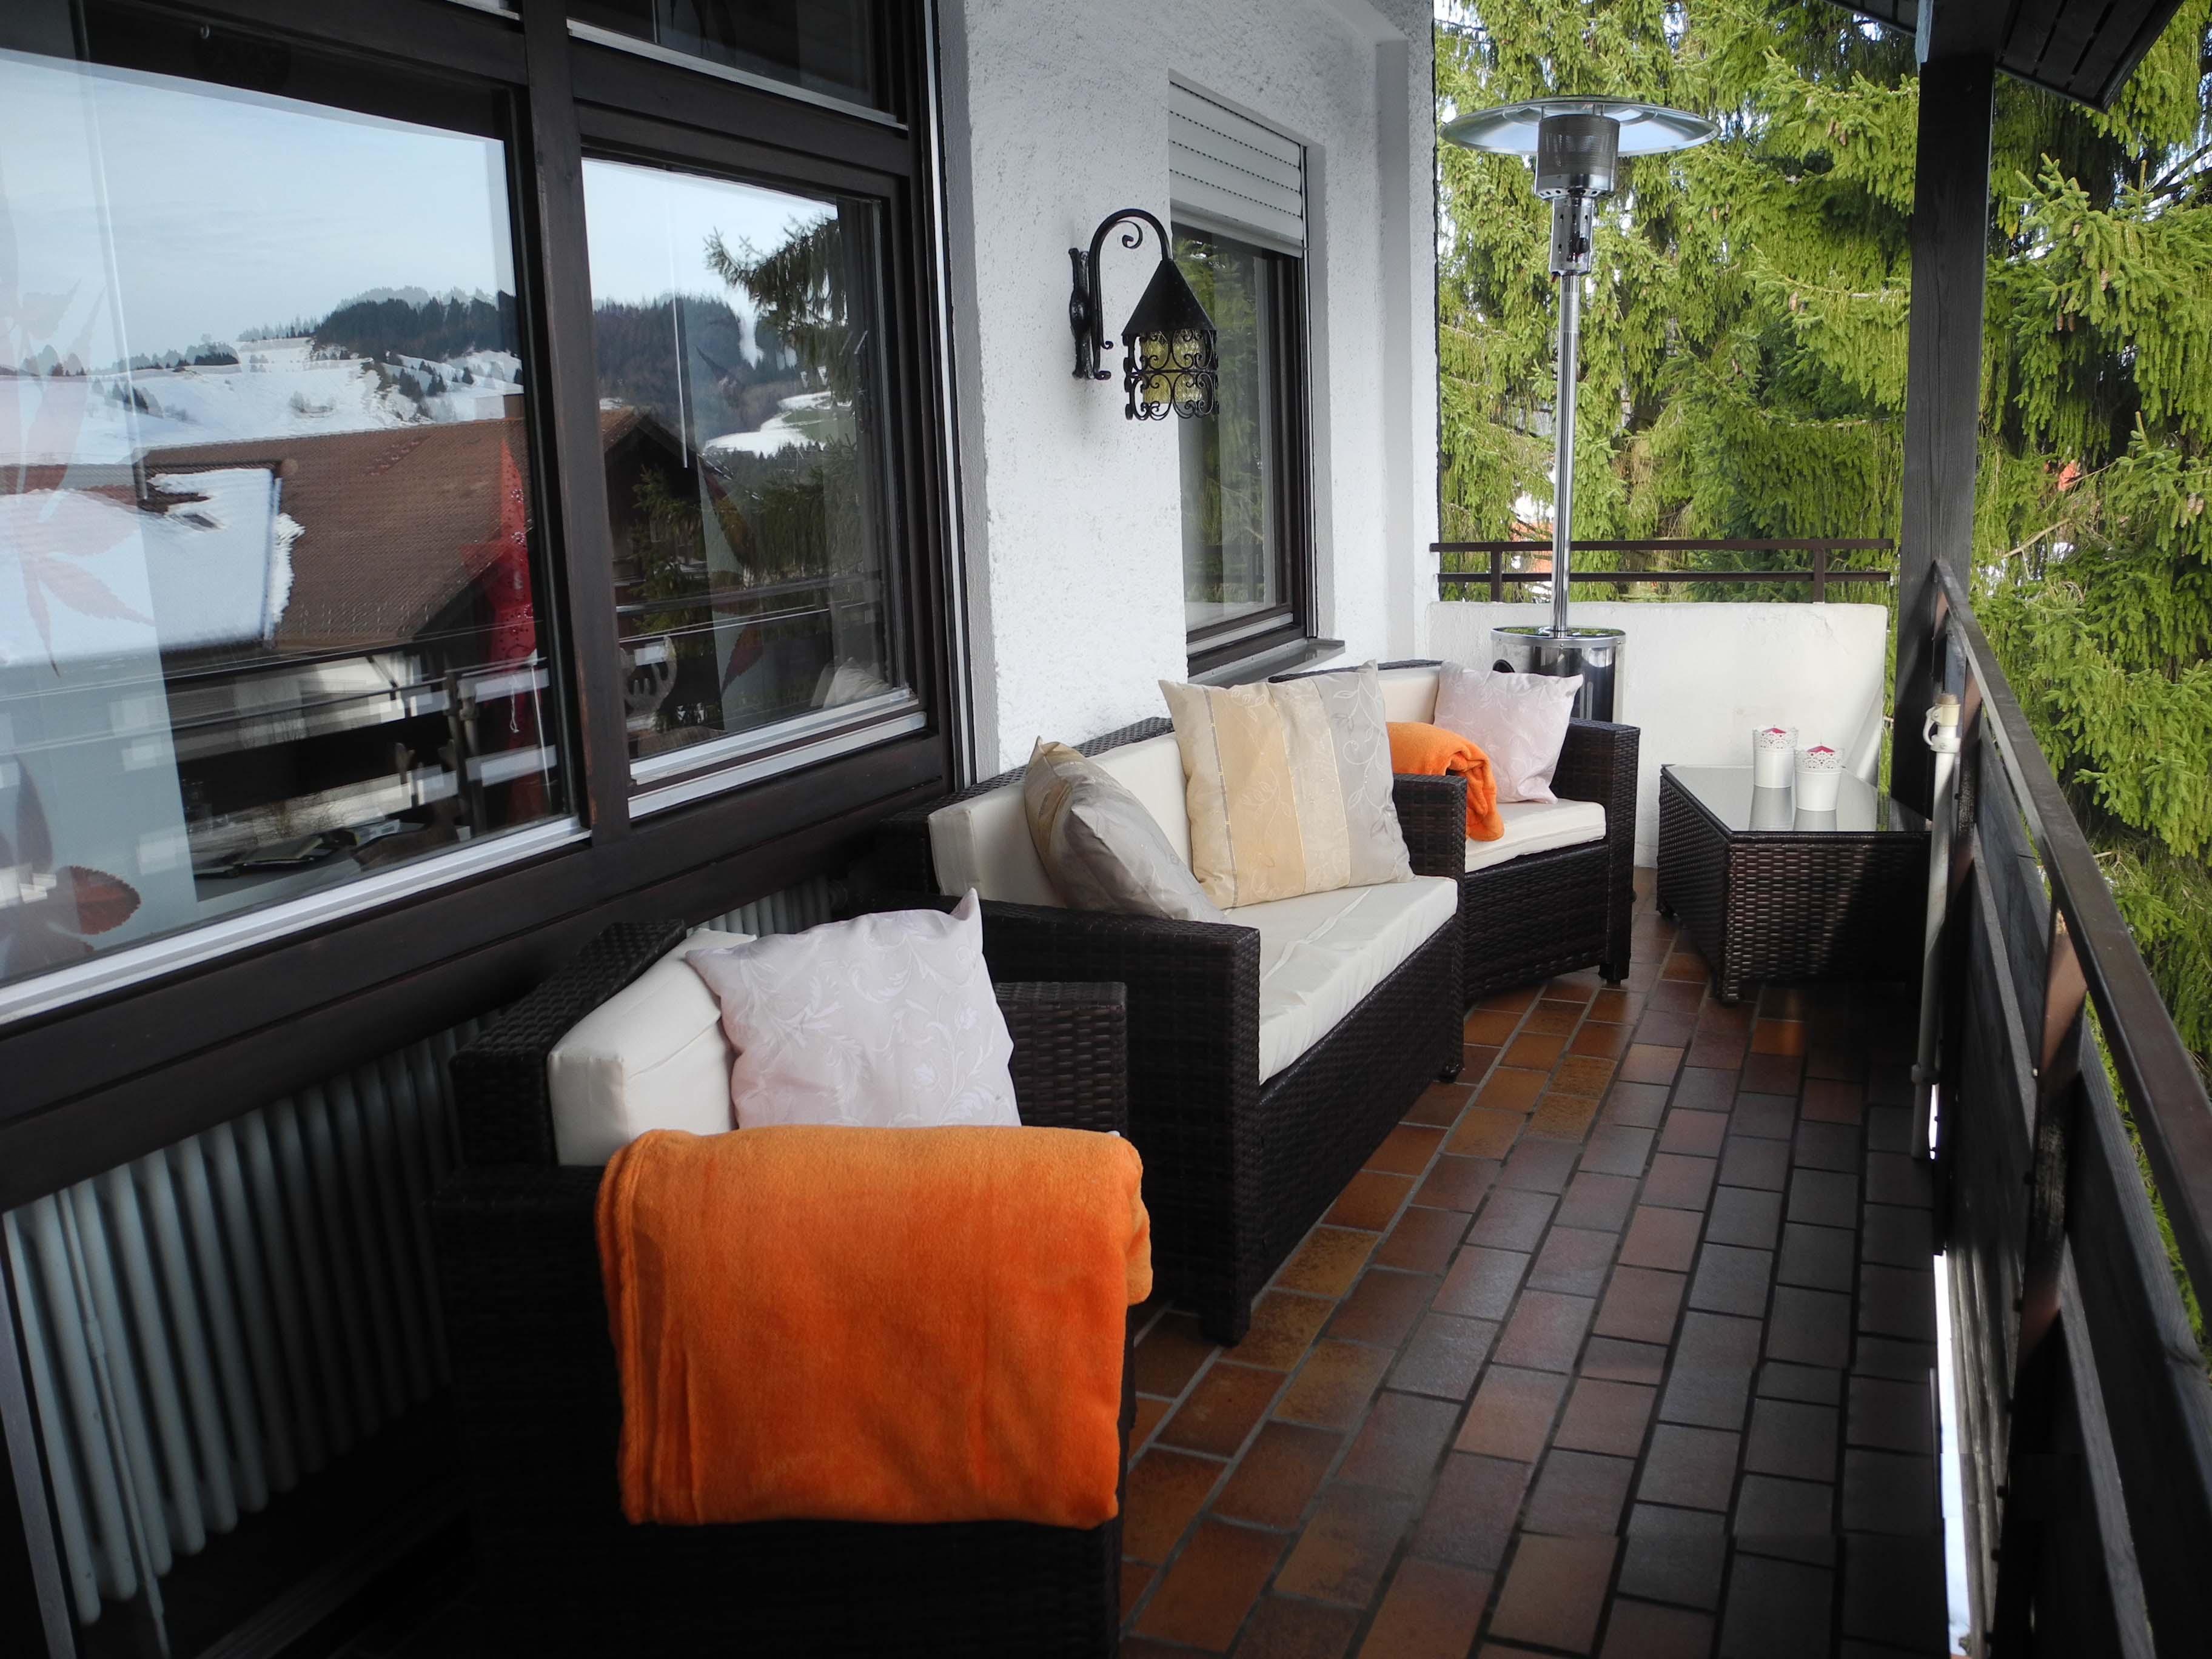 3 tage allg u in der ferienwohnung f r 2 per inkl oberstaufen plus ebay. Black Bedroom Furniture Sets. Home Design Ideas